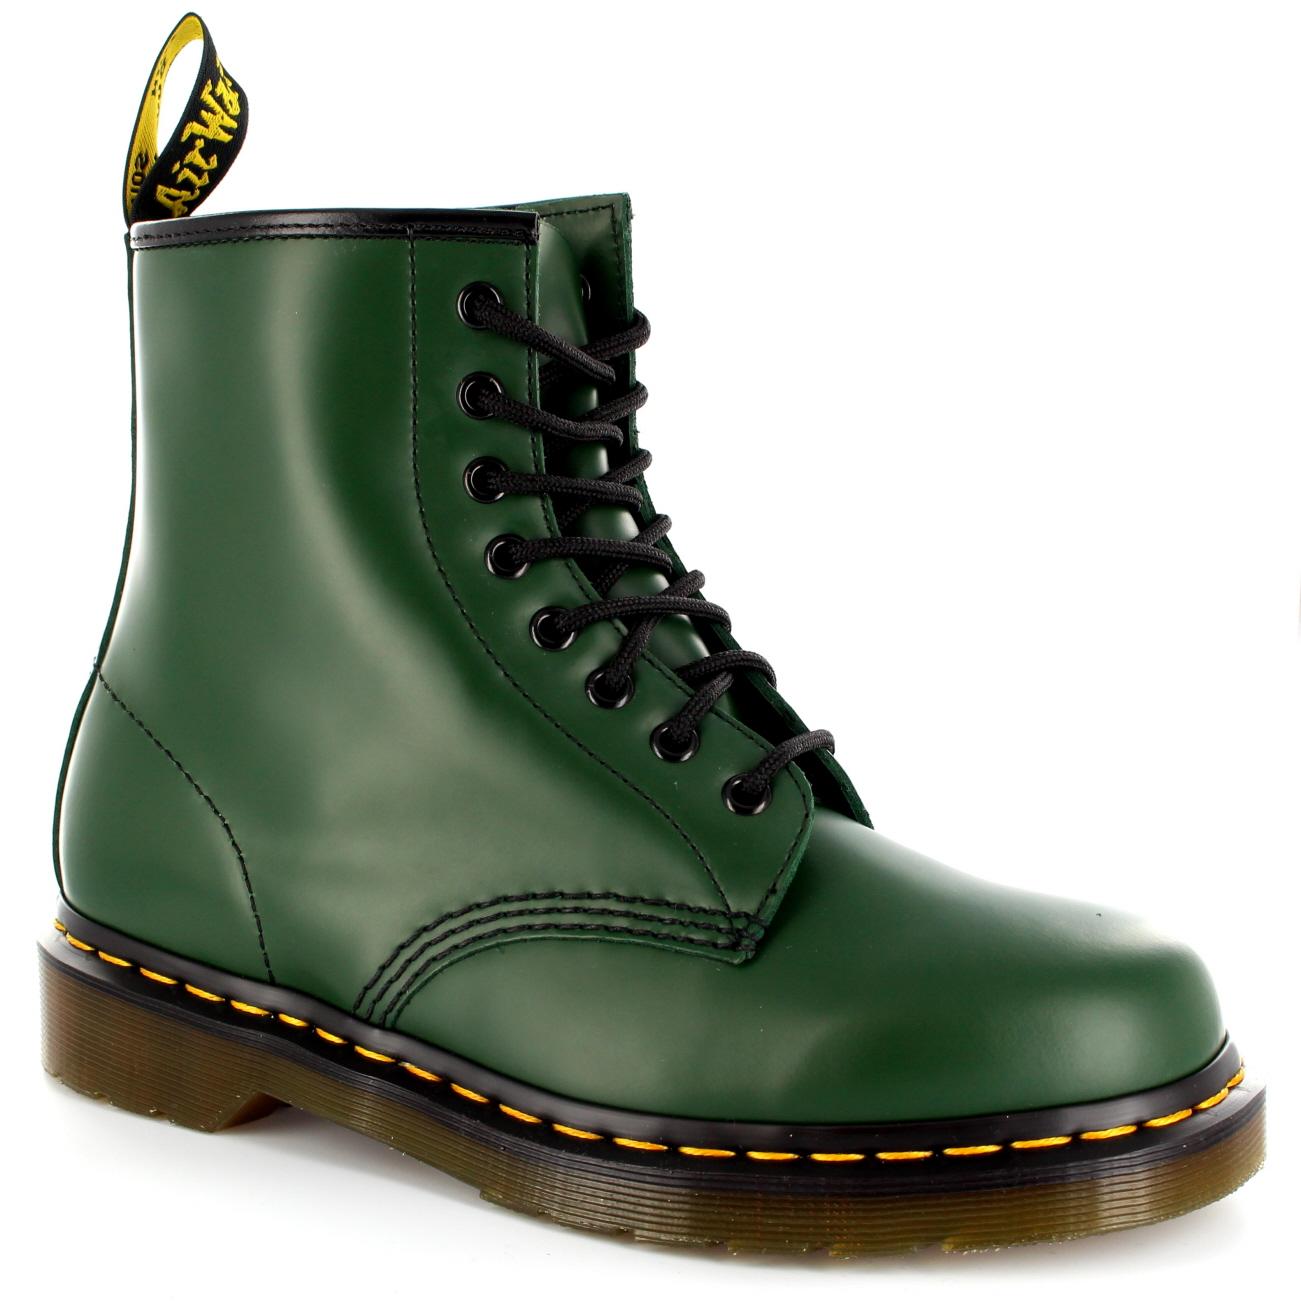 Dr Martens 1460Z 8 Eyelet Boots